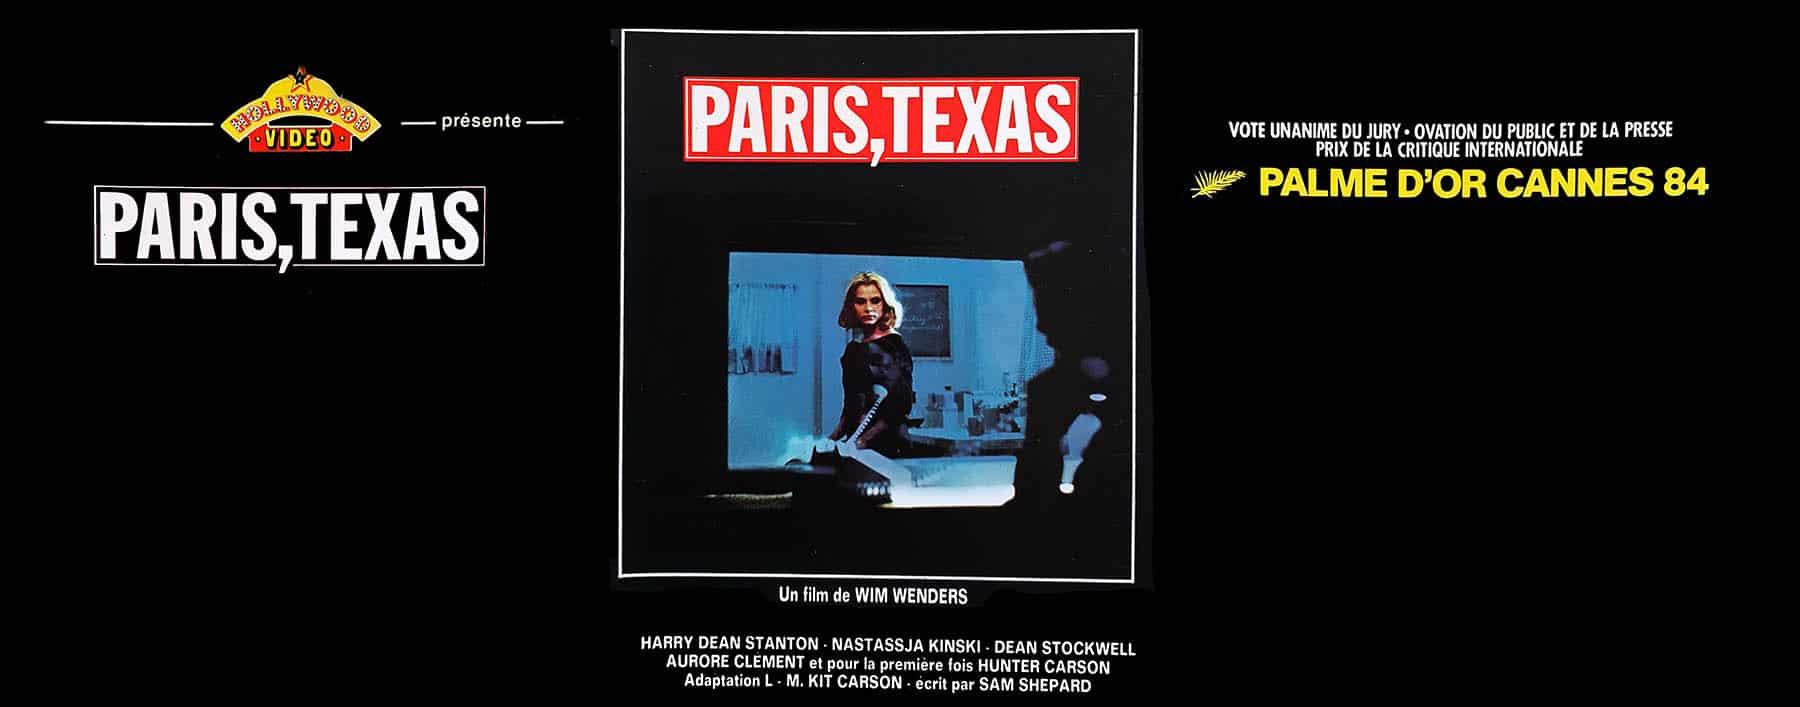 Paris,Texas, jaquette vidéo Hollywood Vidéo VHS